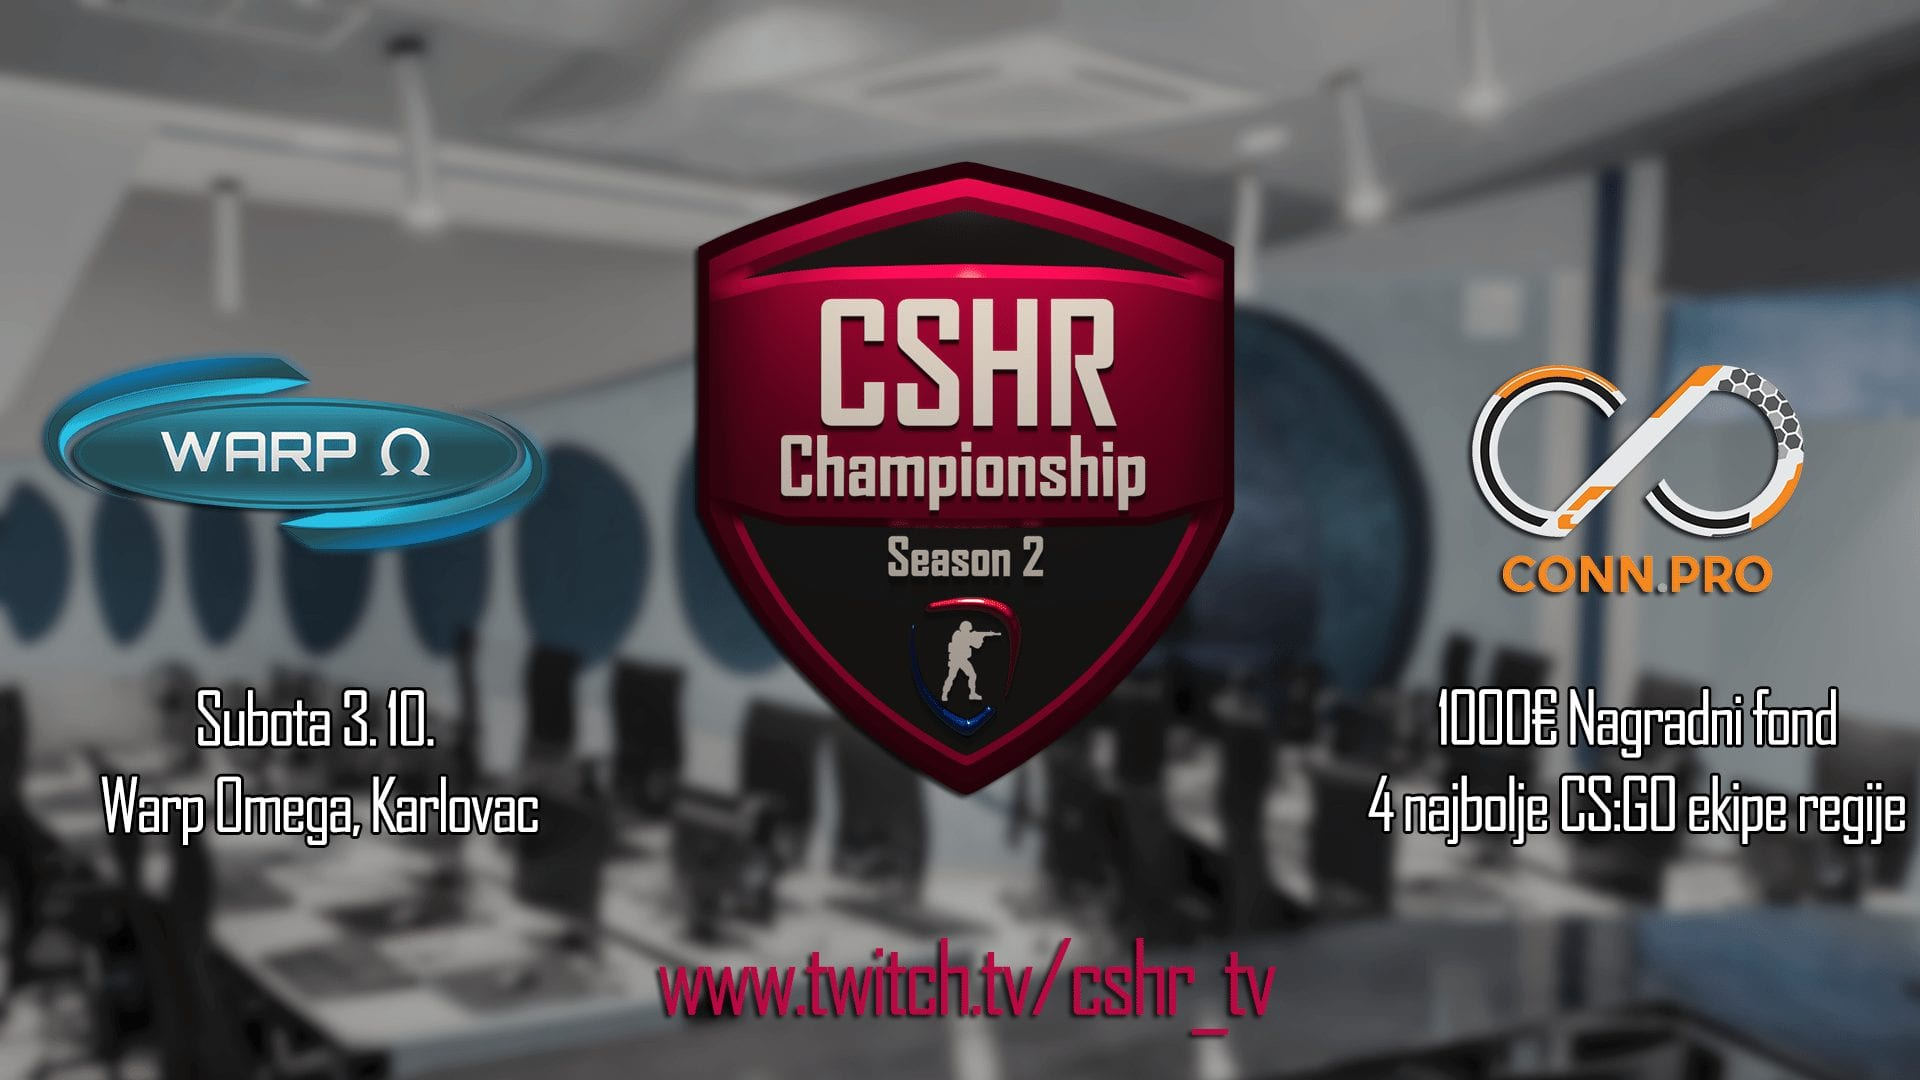 CSHR Championship 2 LAN karlovac